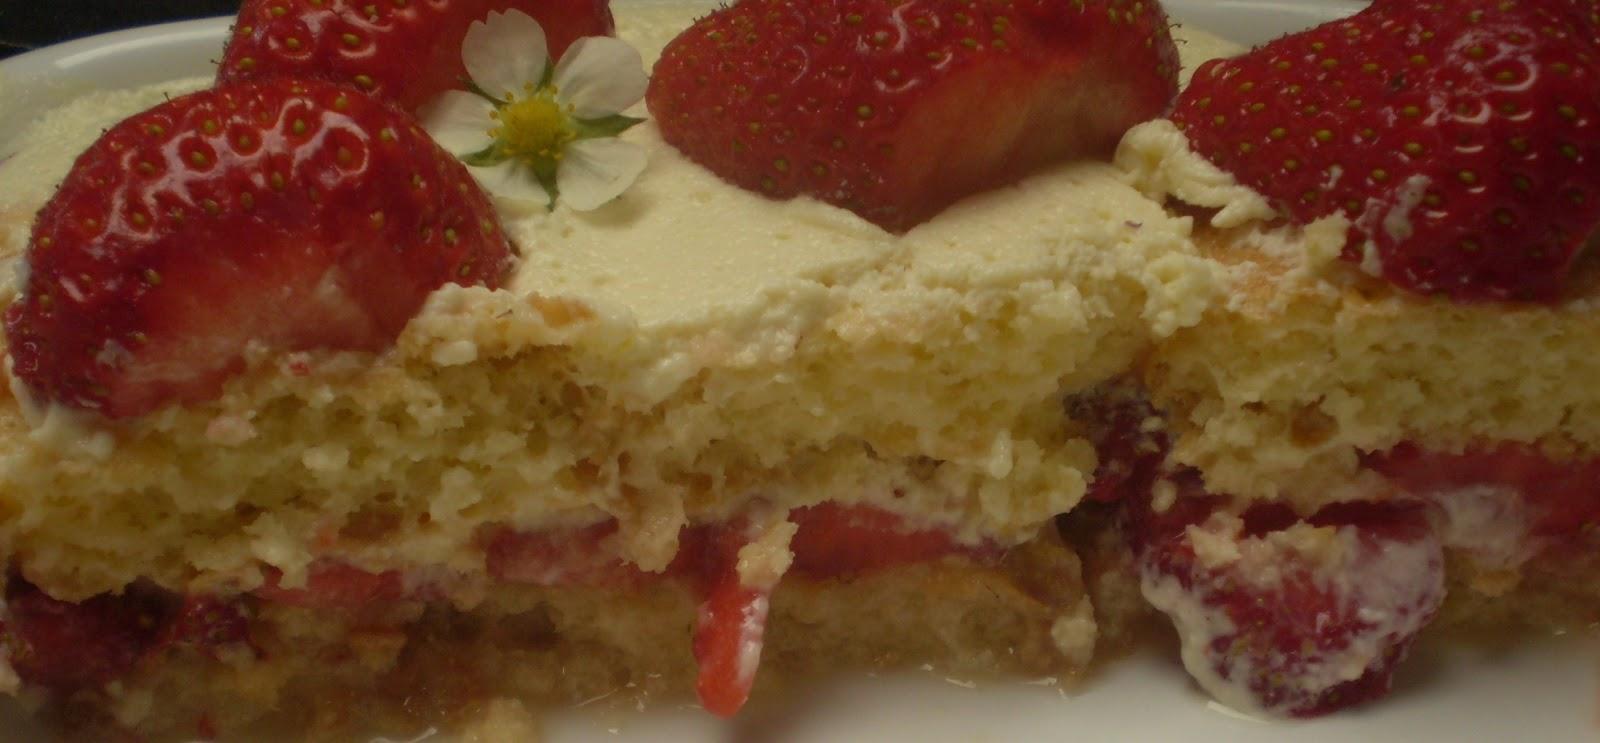 Tiramisu léger à la fraise et sirop de sureau